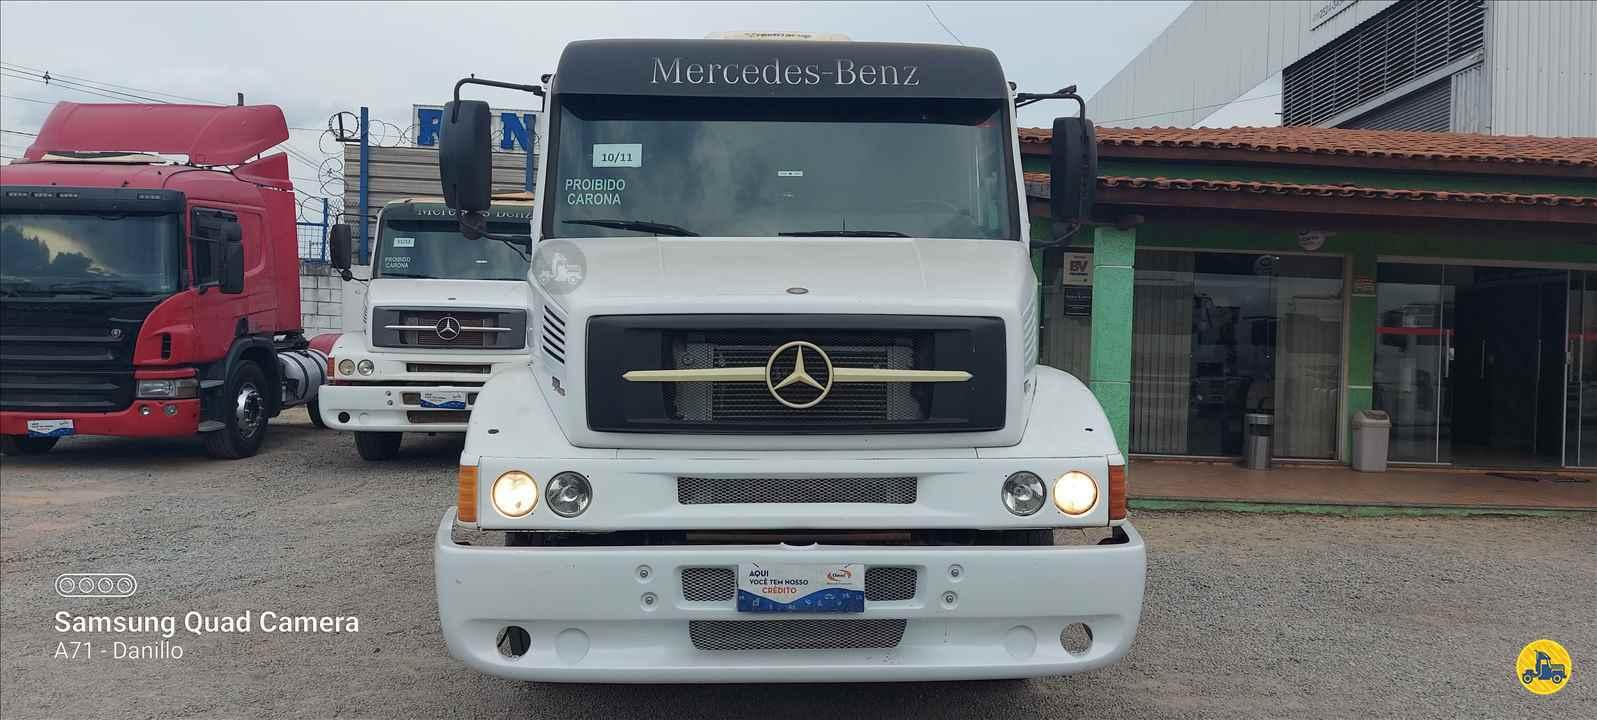 CAMINHAO MERCEDES-BENZ MB 1634 Cavalo Mecânico Toco 4x2 13 de Maio Caminhões BETIM MINAS GERAIS MG